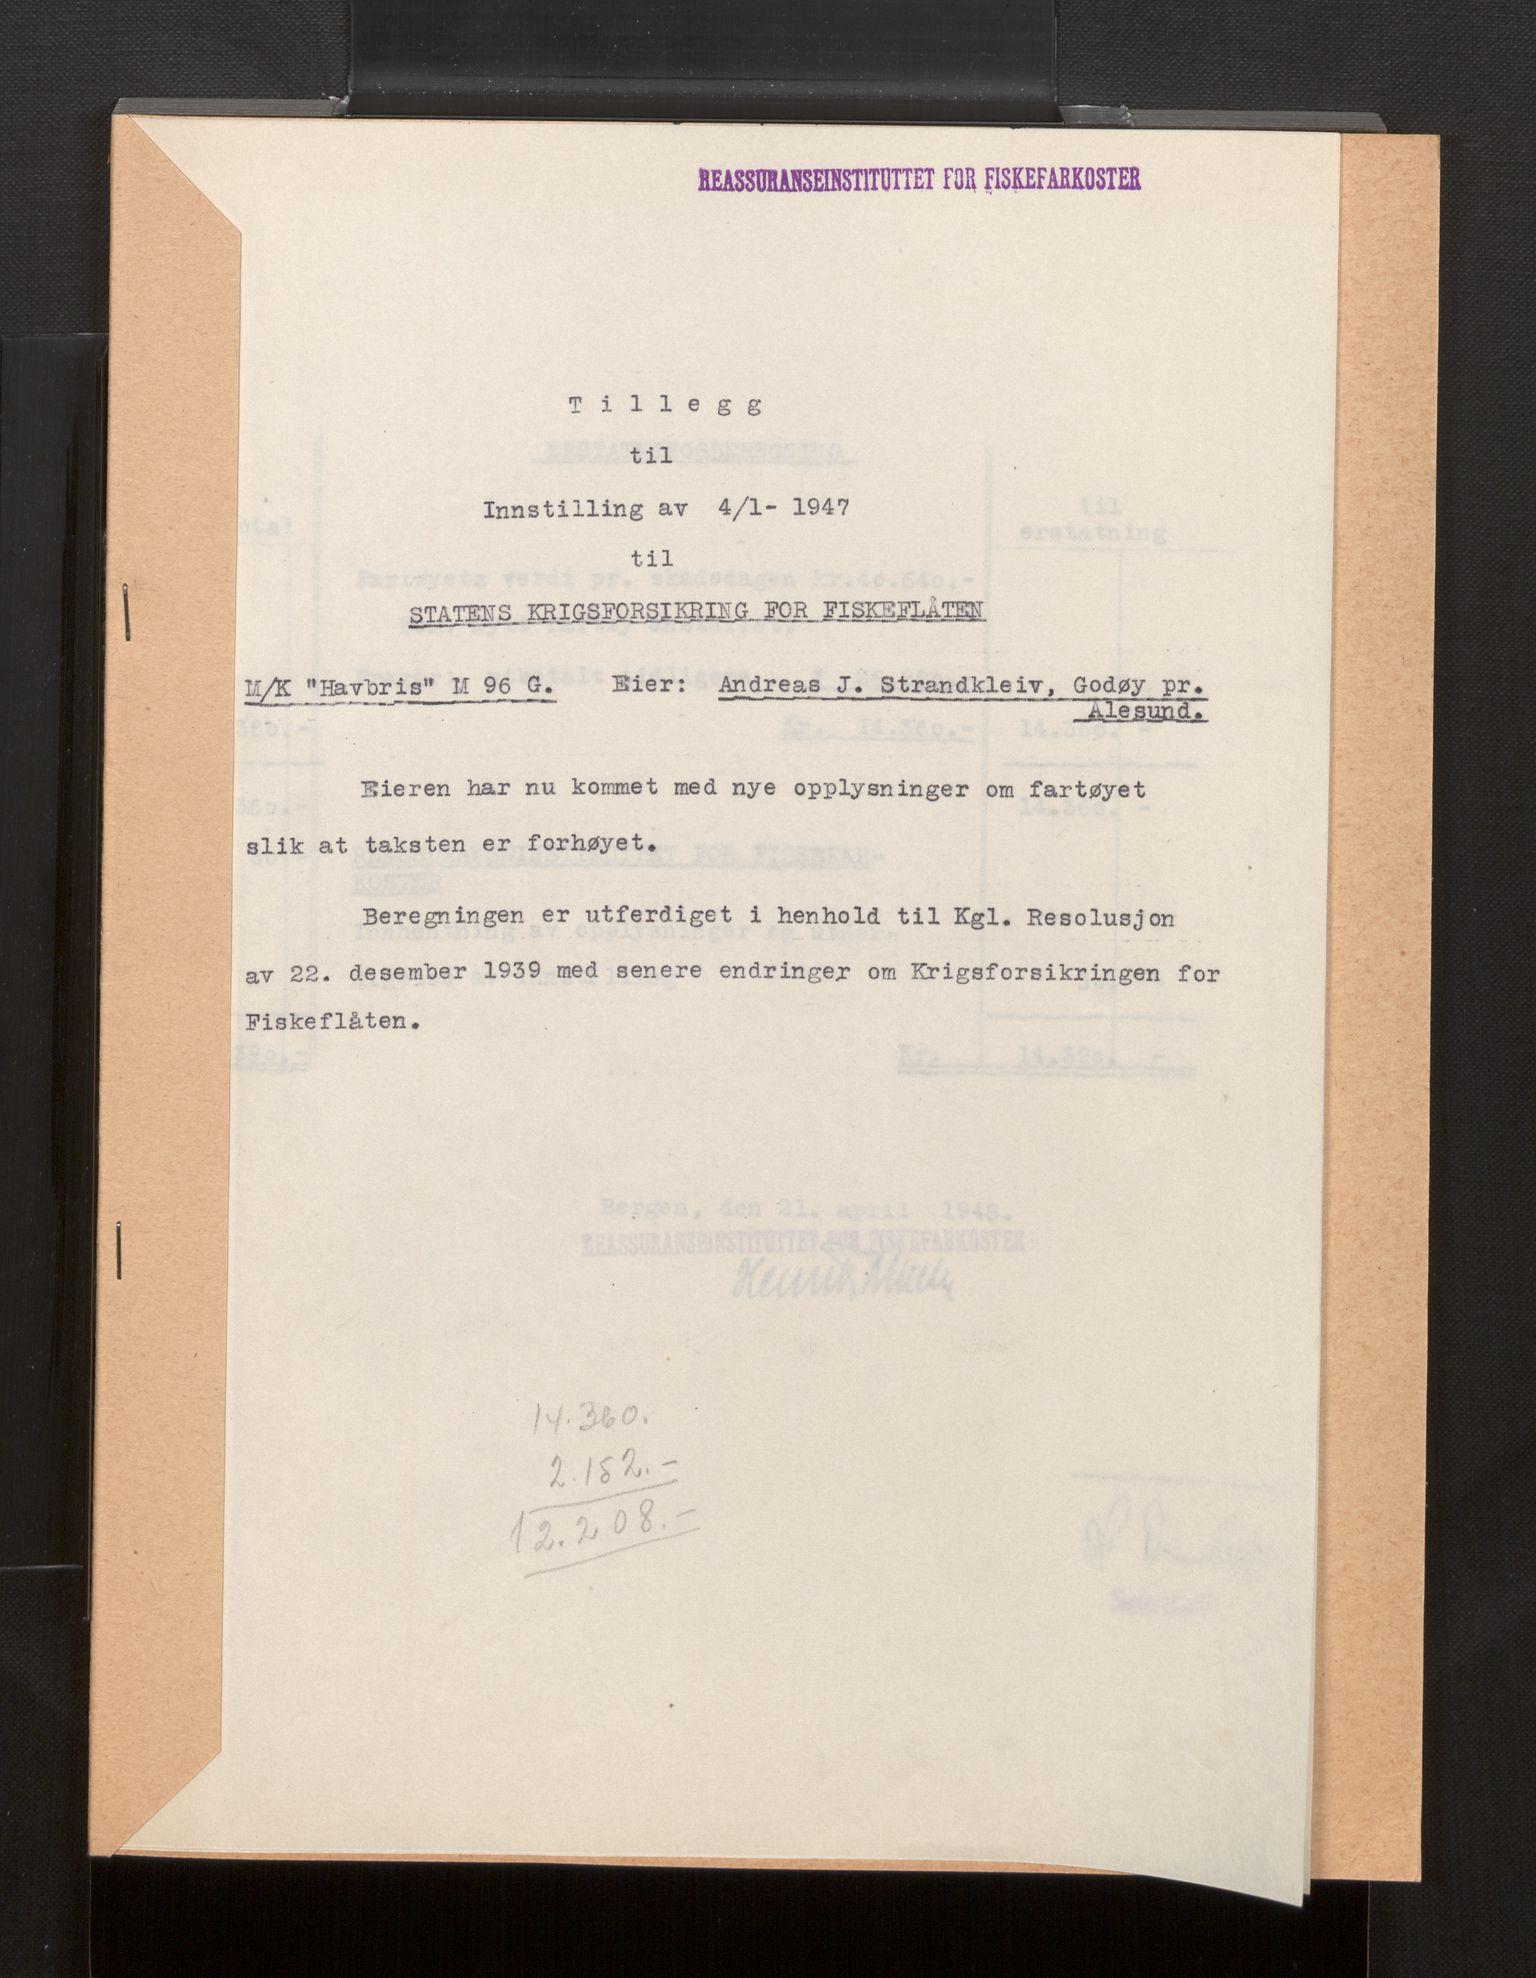 SAB, Fiskeridirektoratet - 1 Adm. ledelse - 13 Båtkontoret, La/L0042: Statens krigsforsikring for fiskeflåten, 1936-1971, s. 184